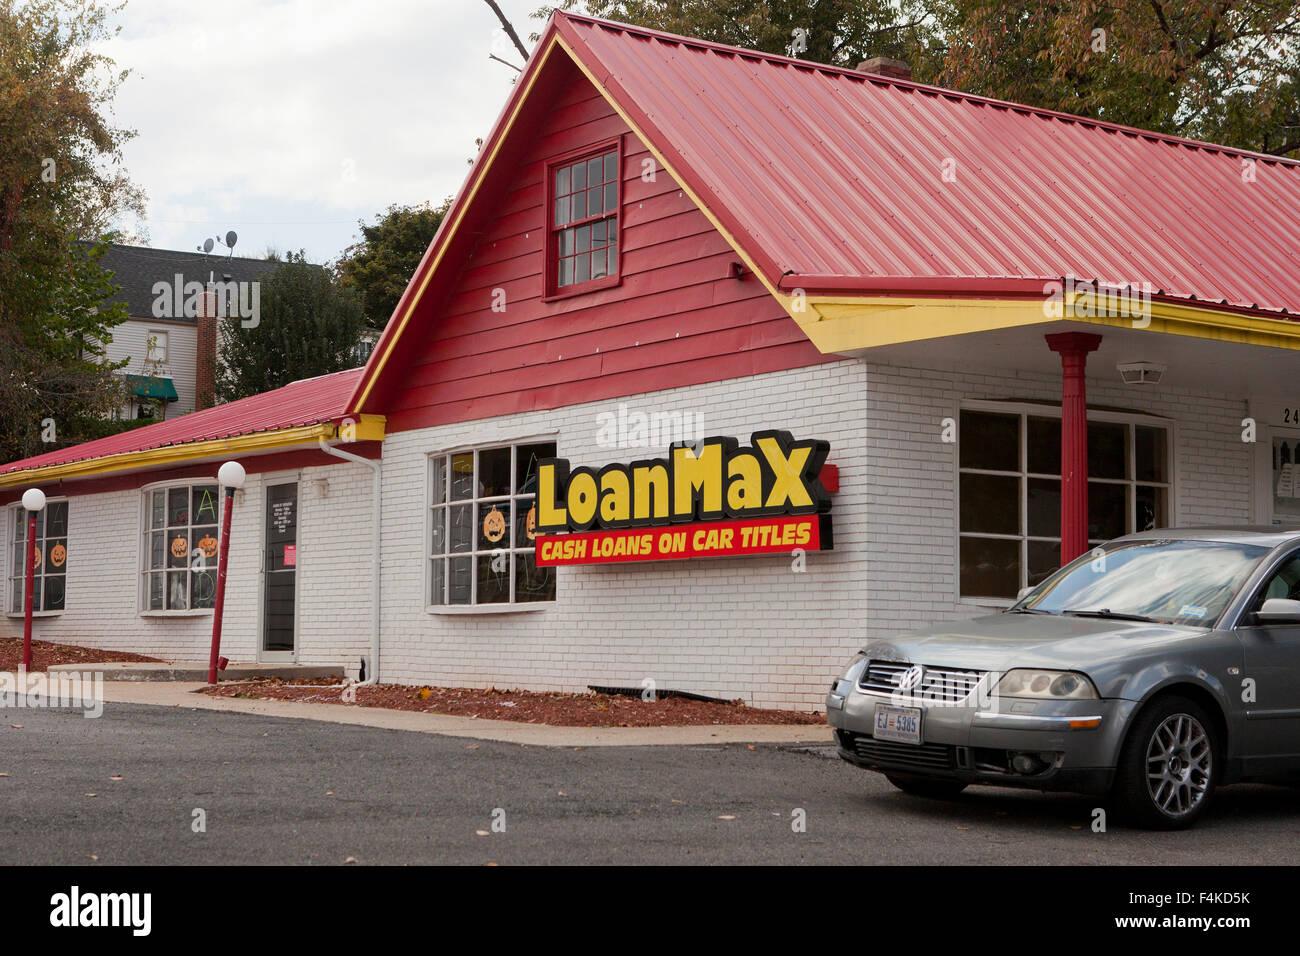 LoanMax titre de la société de prêt automobile - Virginia USA Photo Stock